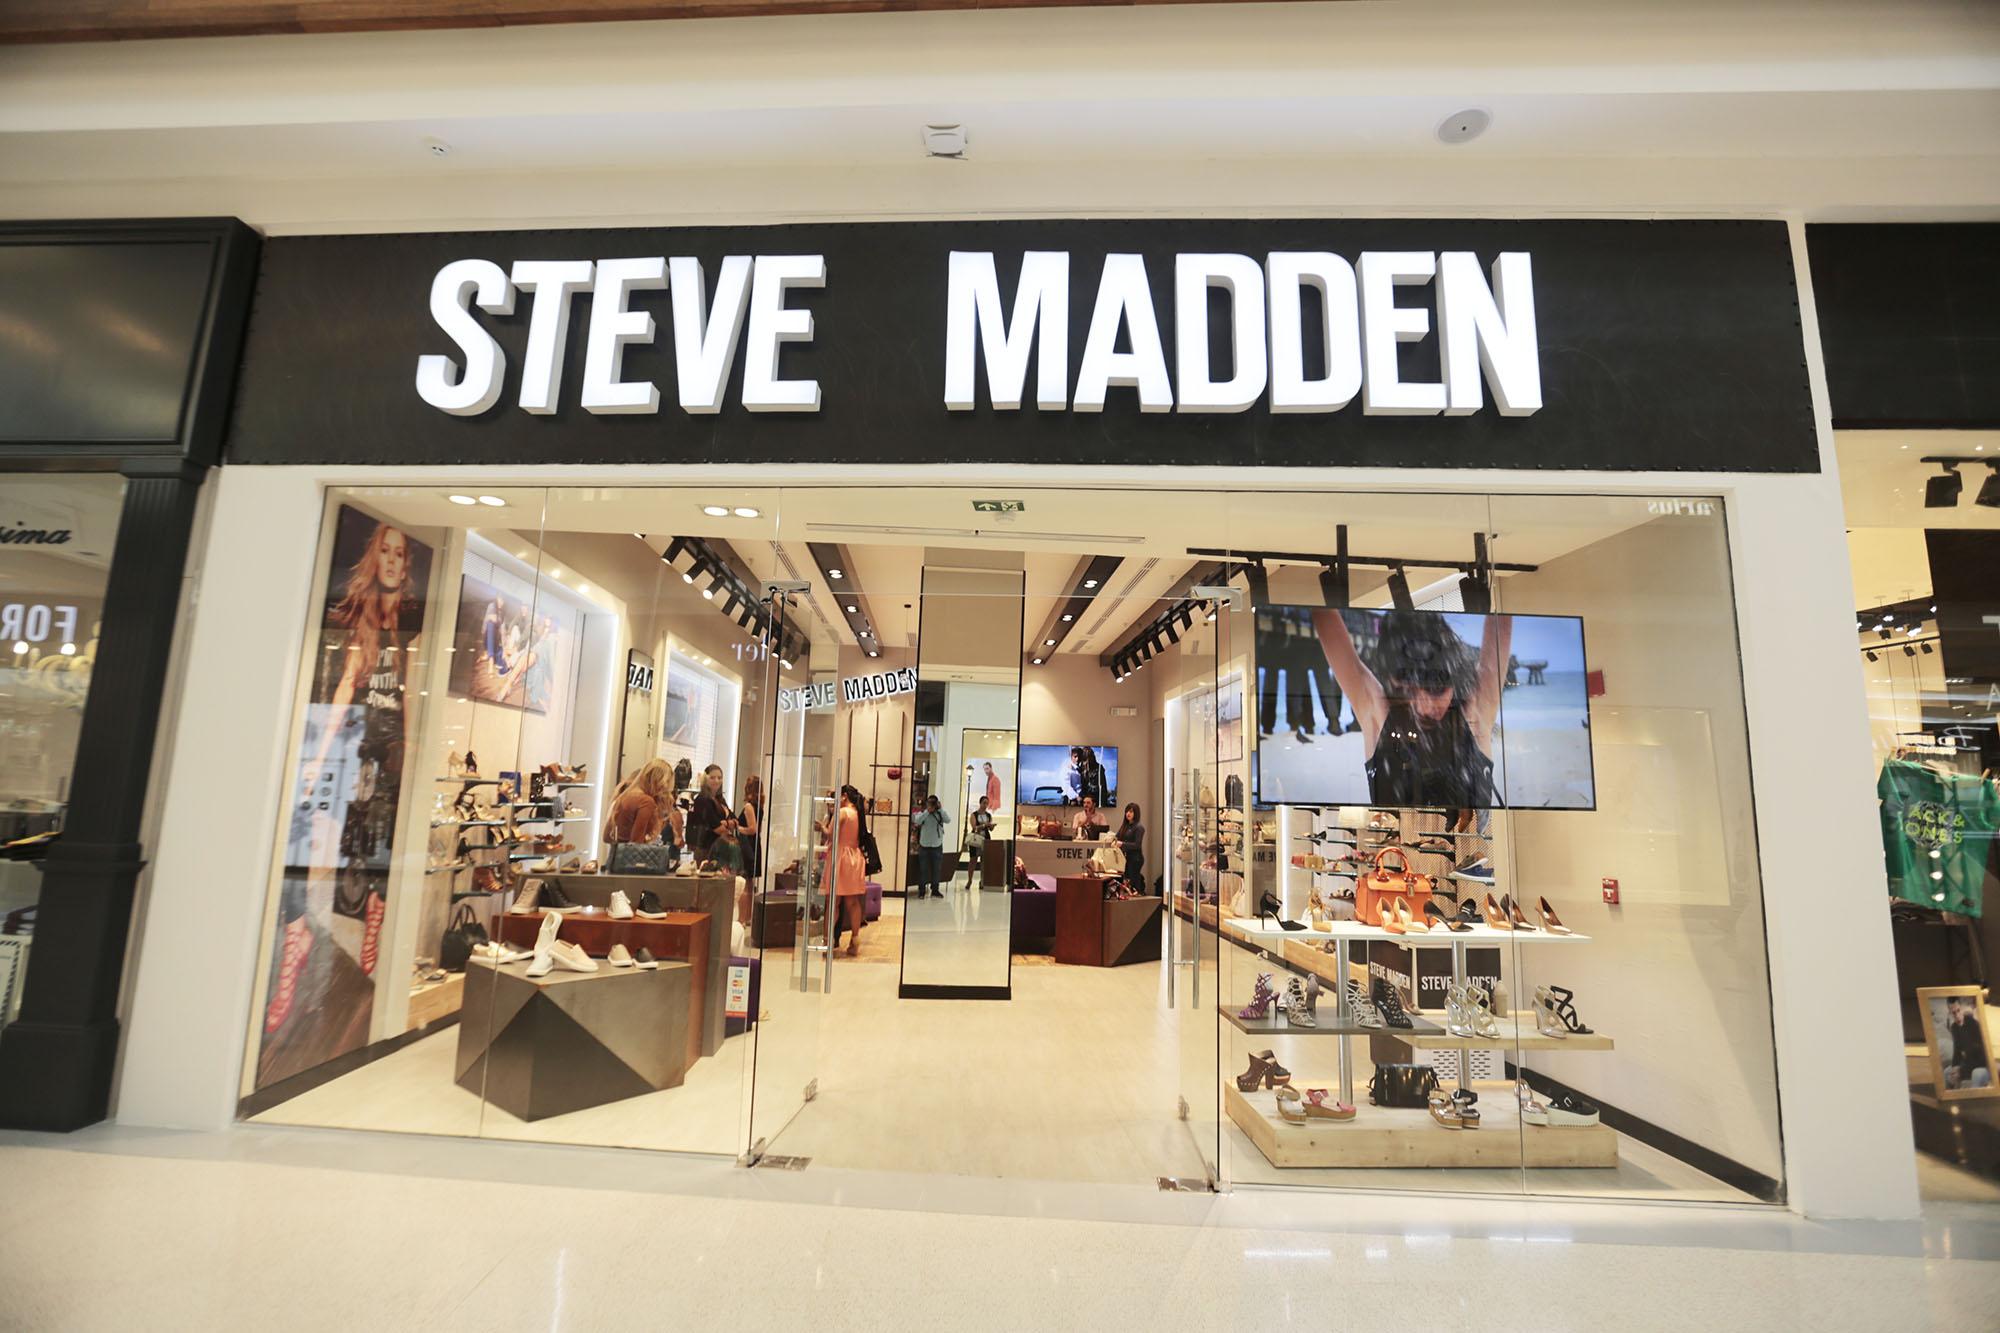 0025d37e839 Steve madden planea abrir tiendas en ecuador este año jpg 2000x1333 Steve  madden outlet